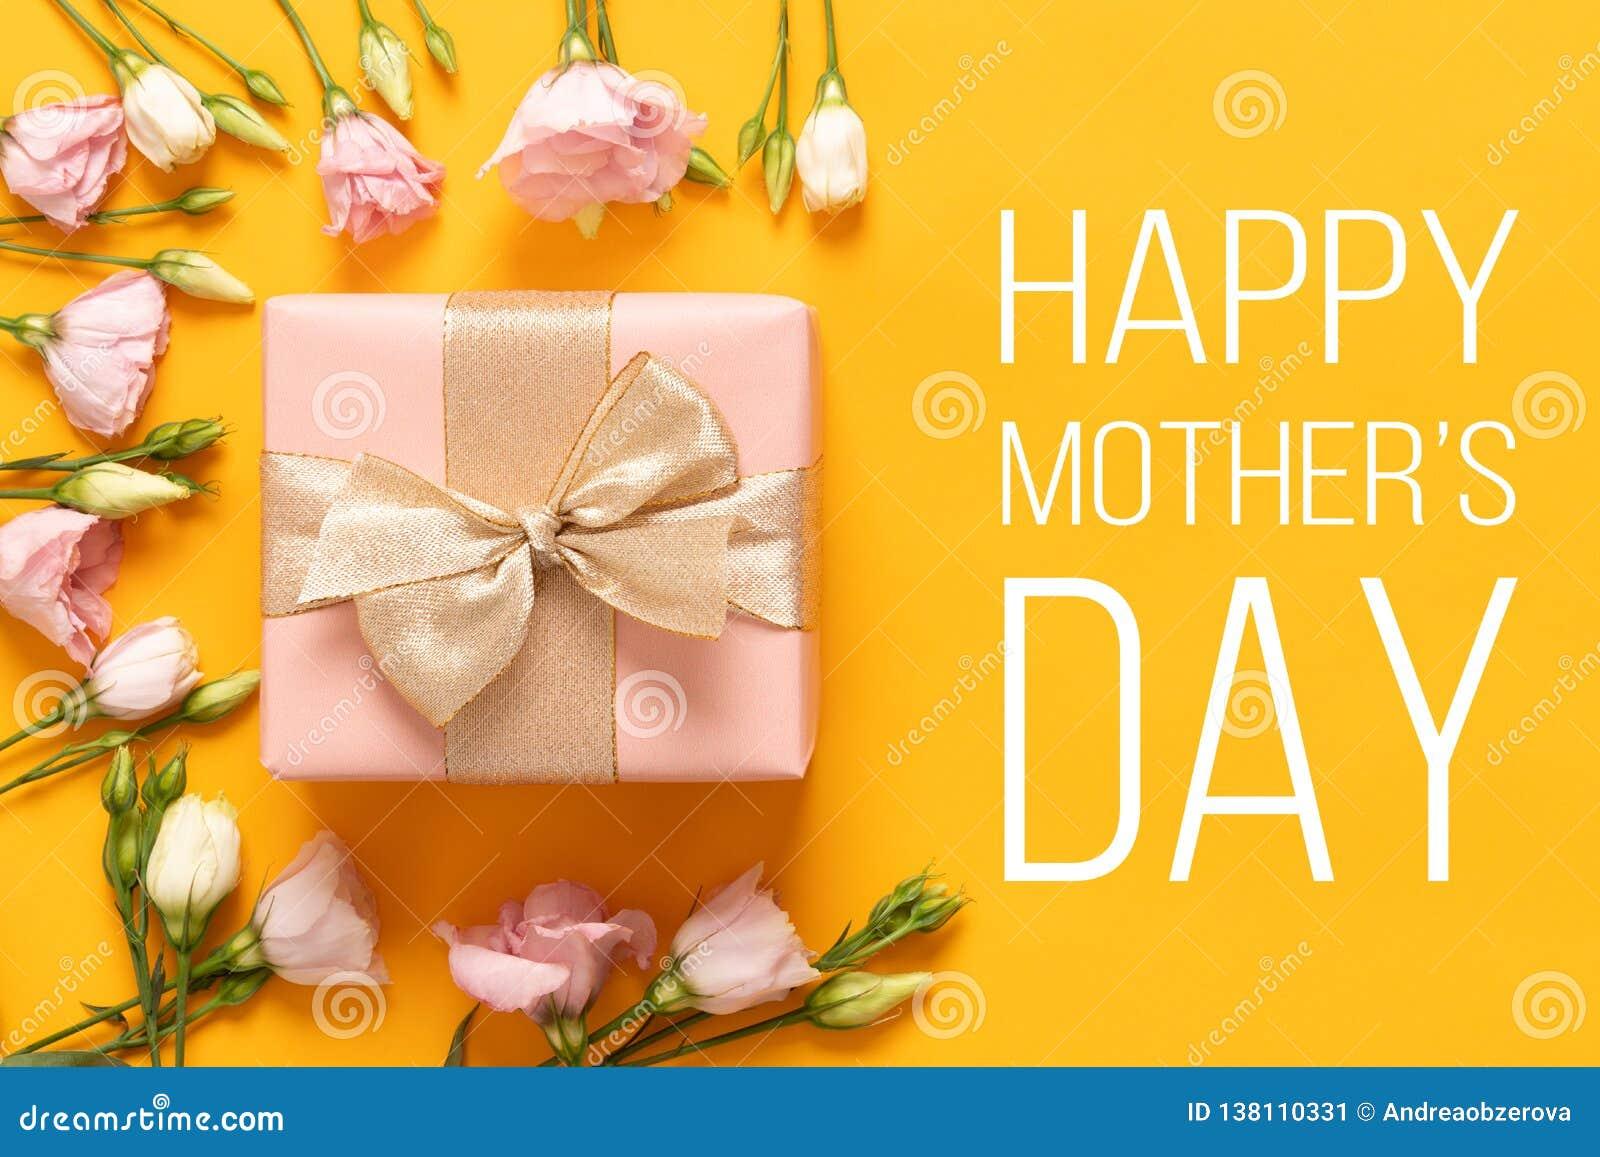 Ευτυχής ανασκόπηση ημέρας μητέρων ` s Φωτεινό κίτρινο και υπόβαθρο ημέρας μητέρων κρητιδογραφιών χρωματισμένο ροζ Επίπεδος βάλτε